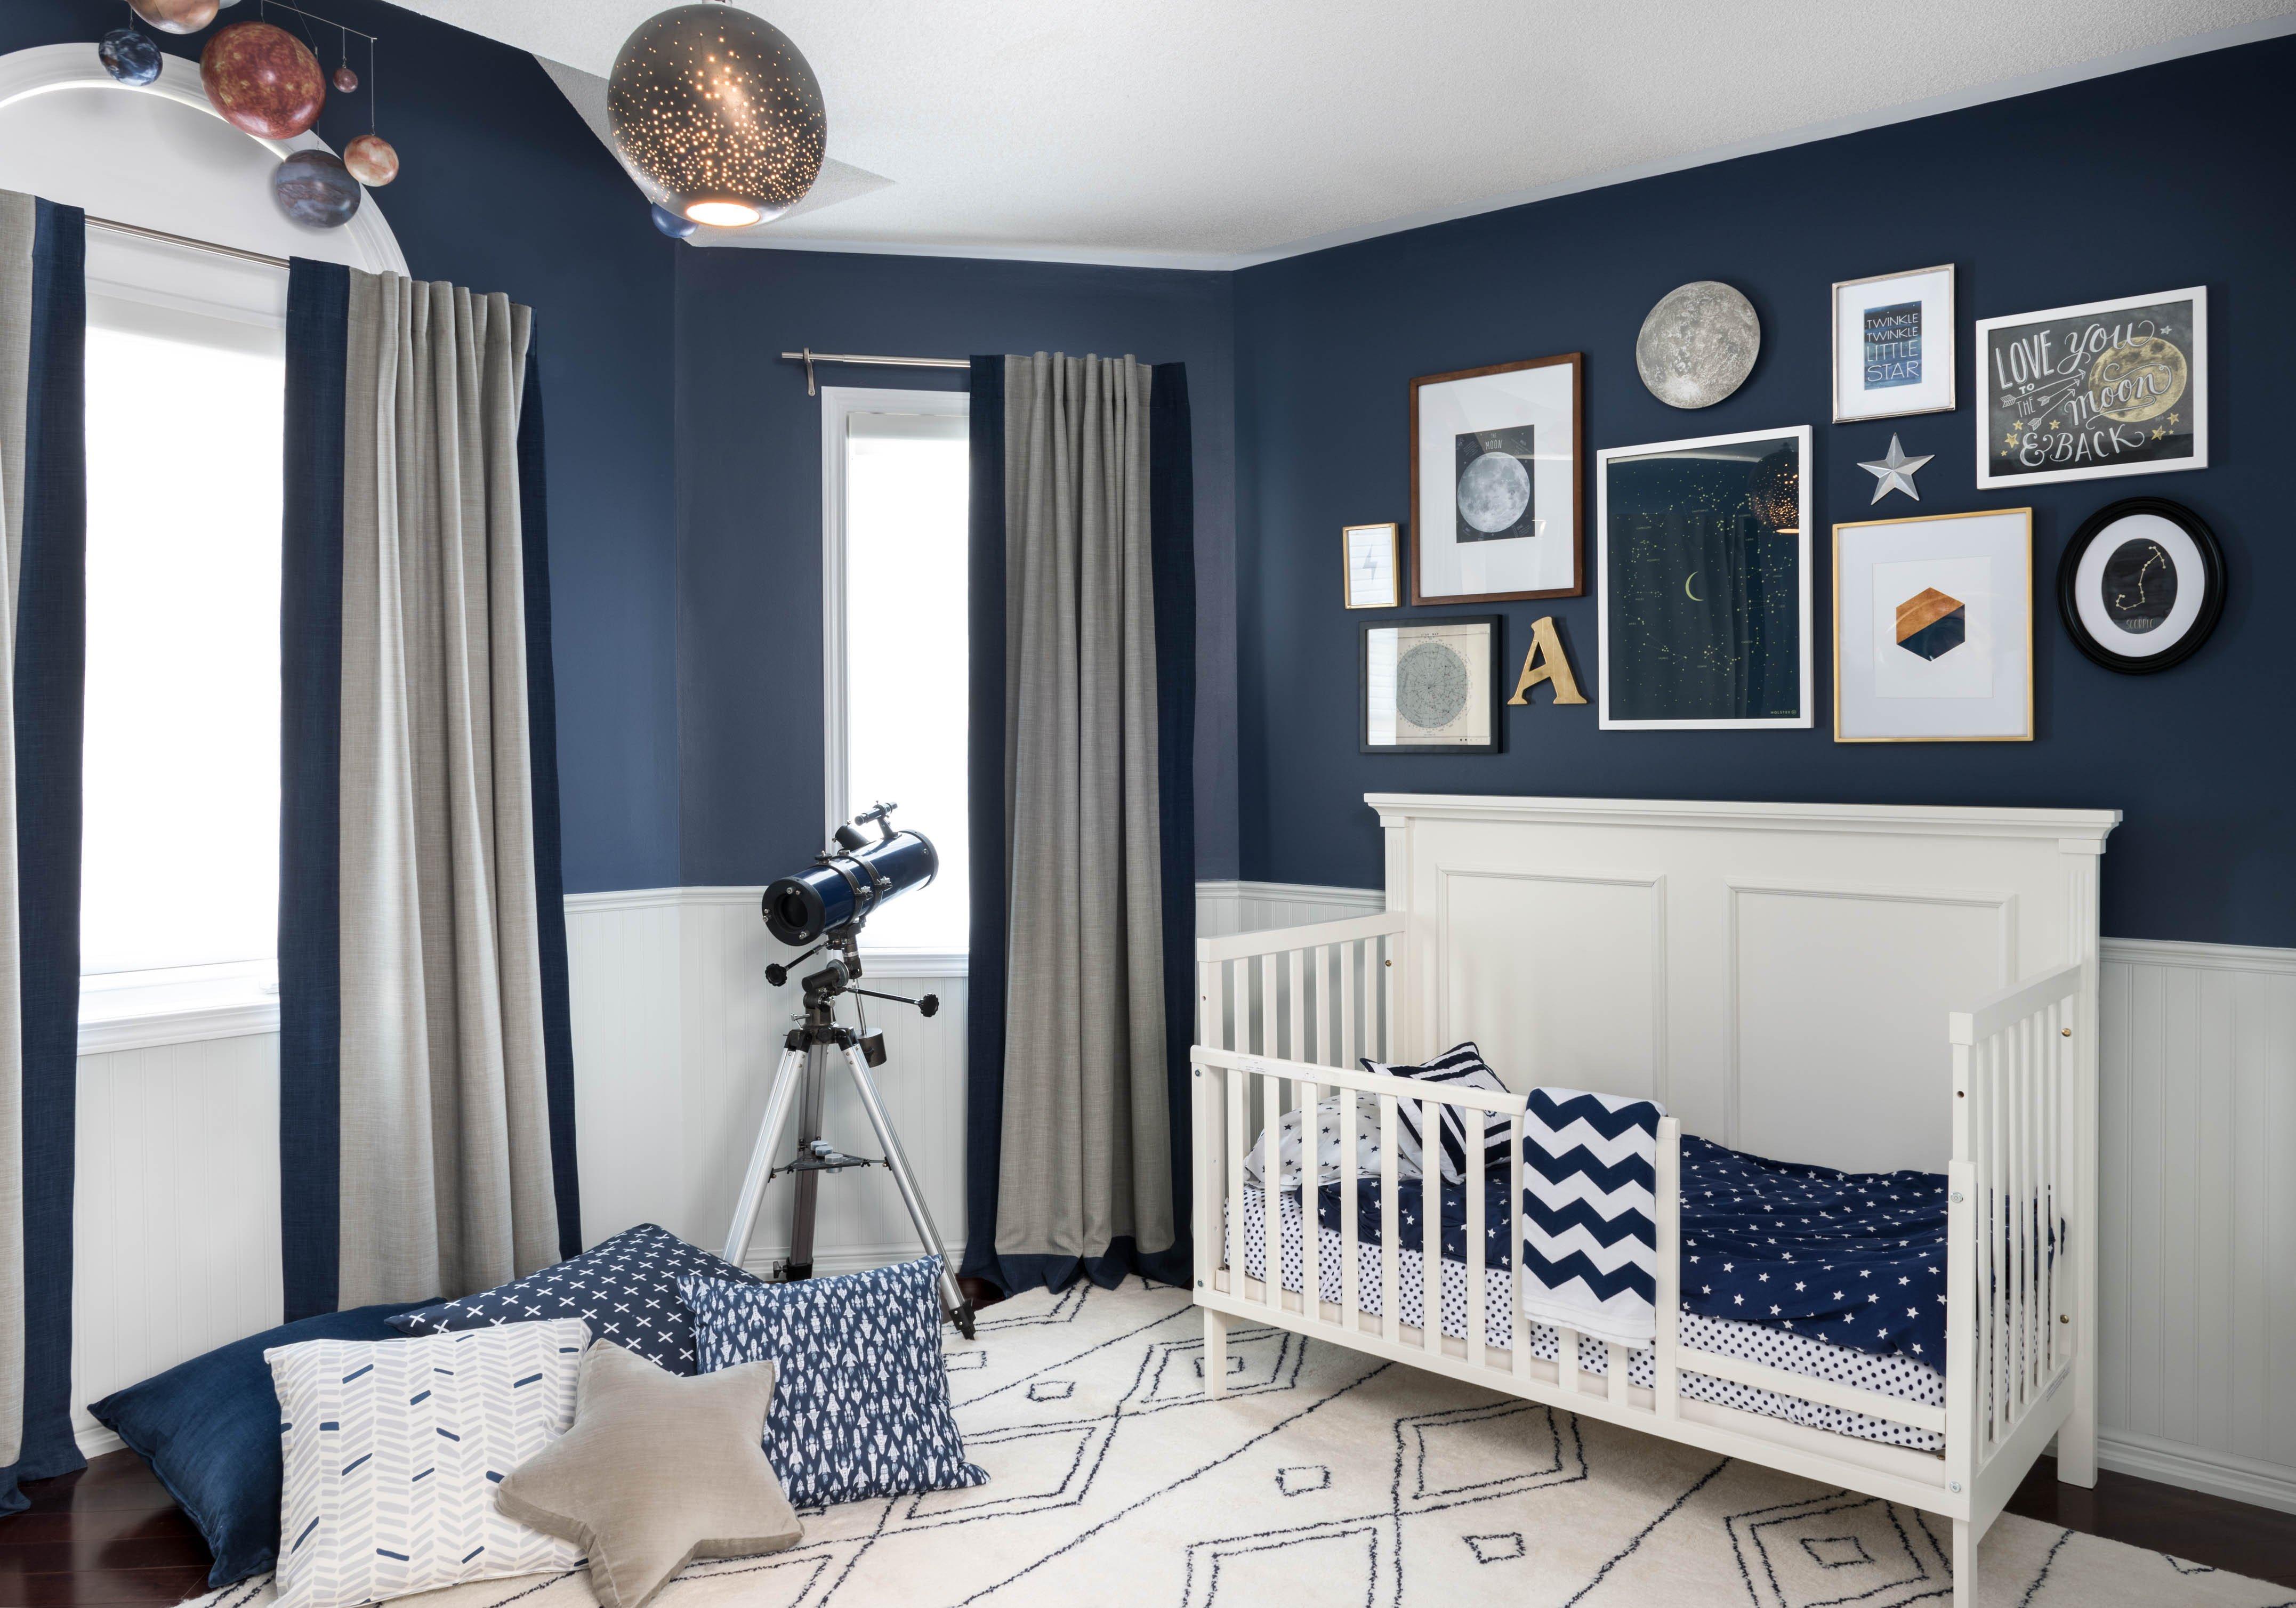 Decor Ideas for Boys Room Luxury Celestial Inspired Boys Room Project Nursery